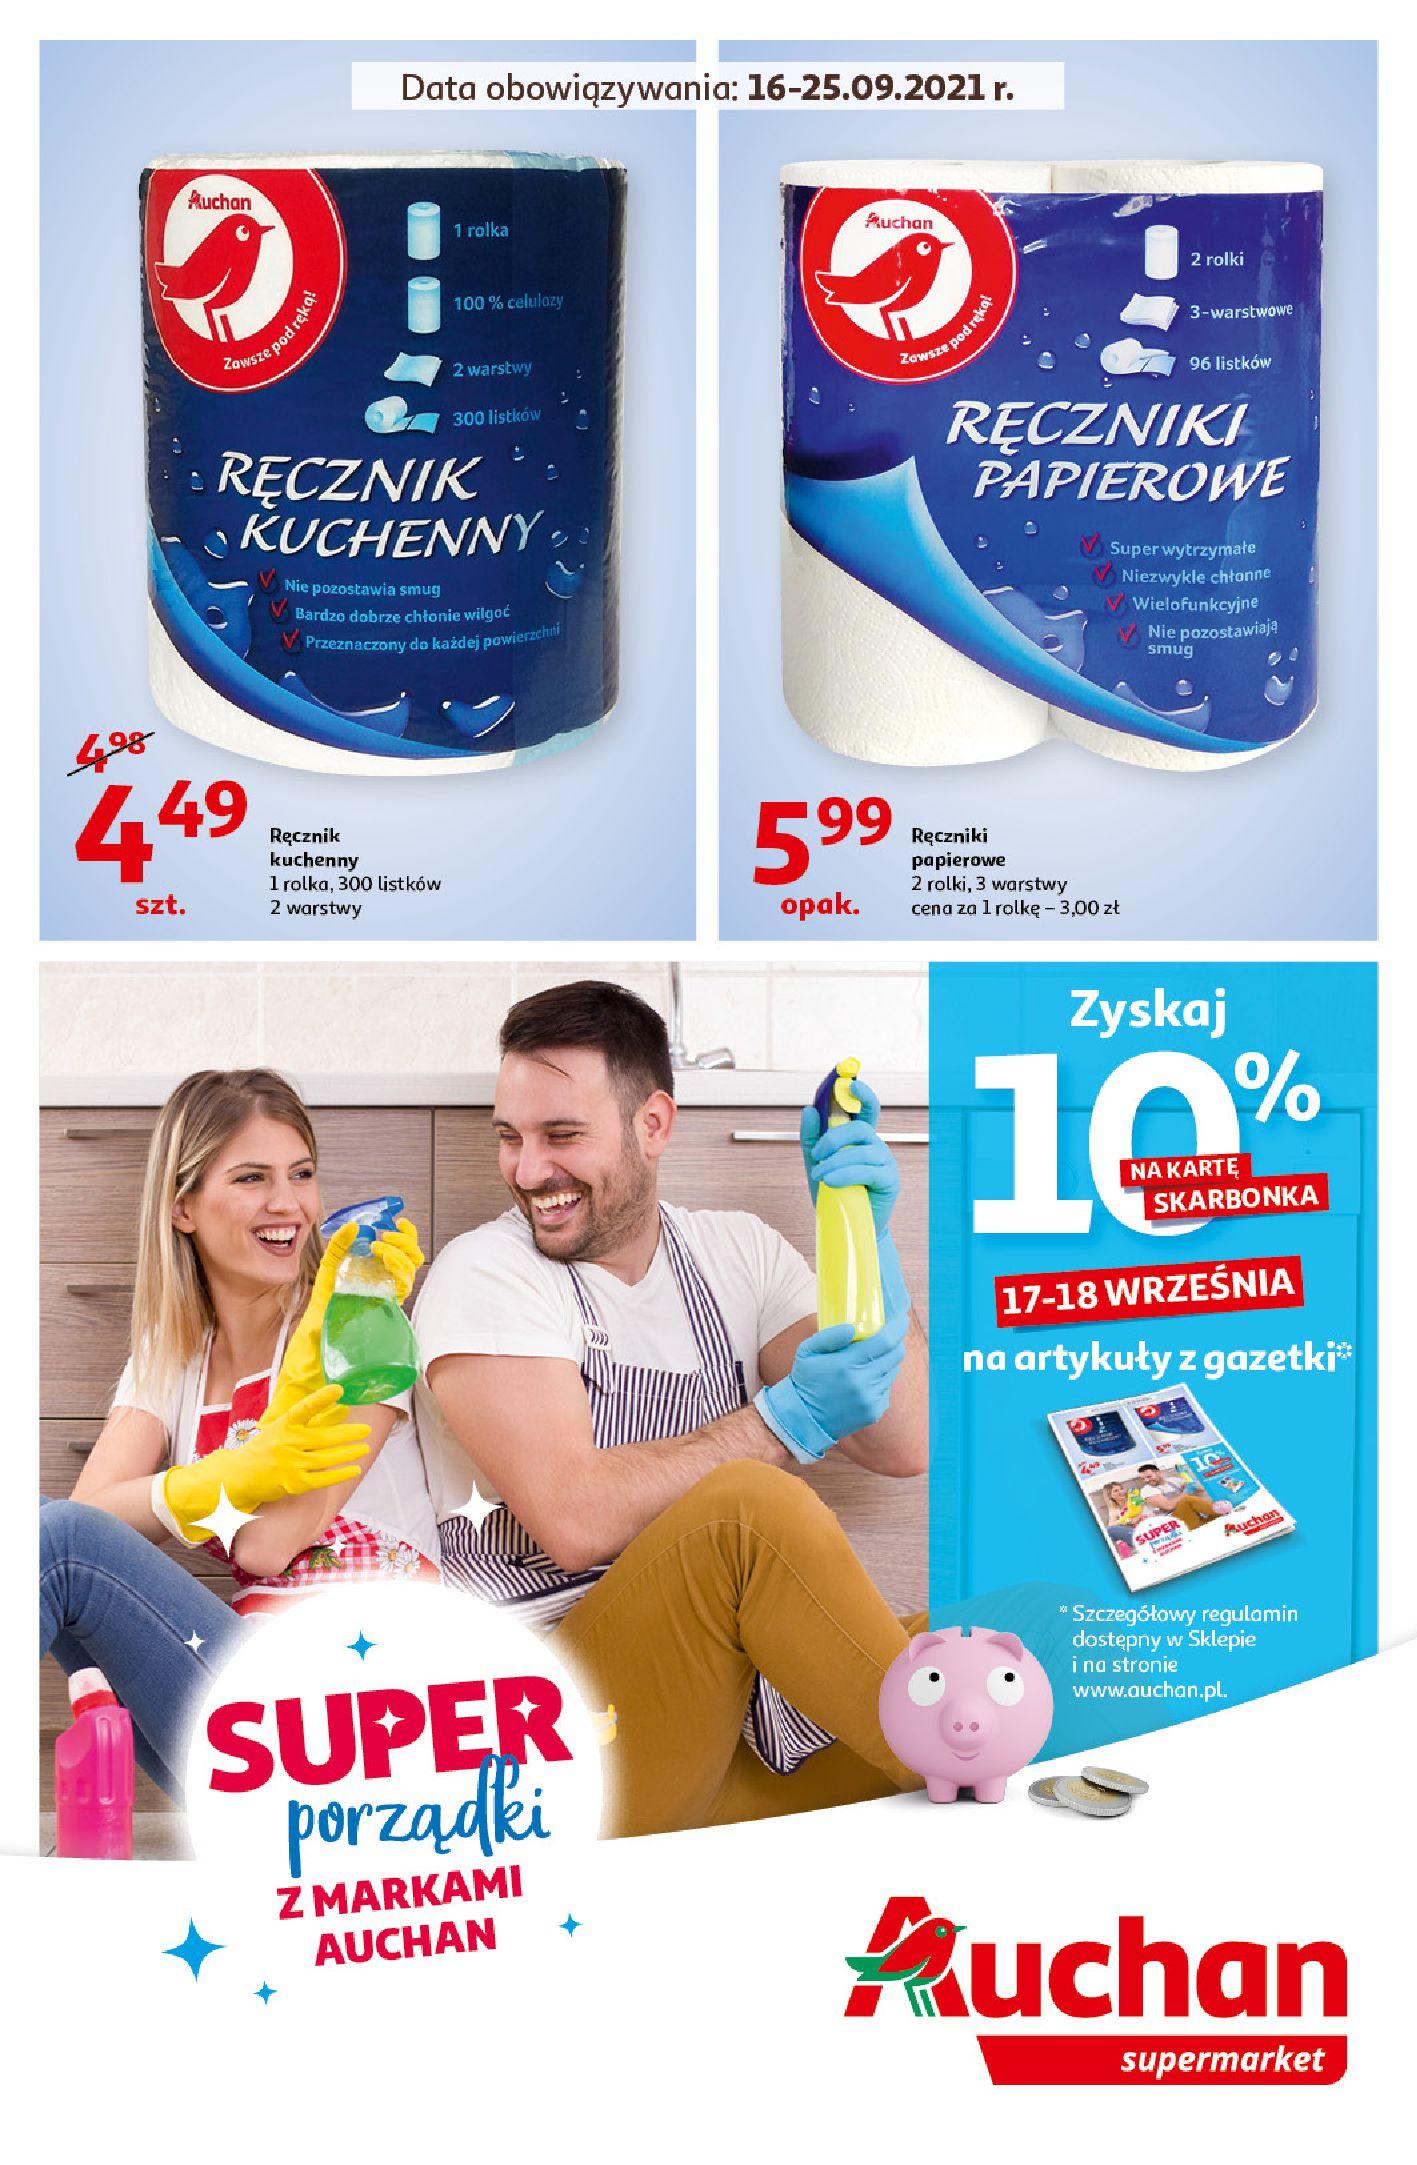 Auchan:  Gazetka Auchan - Porządki Supermarkety 15.09.2021